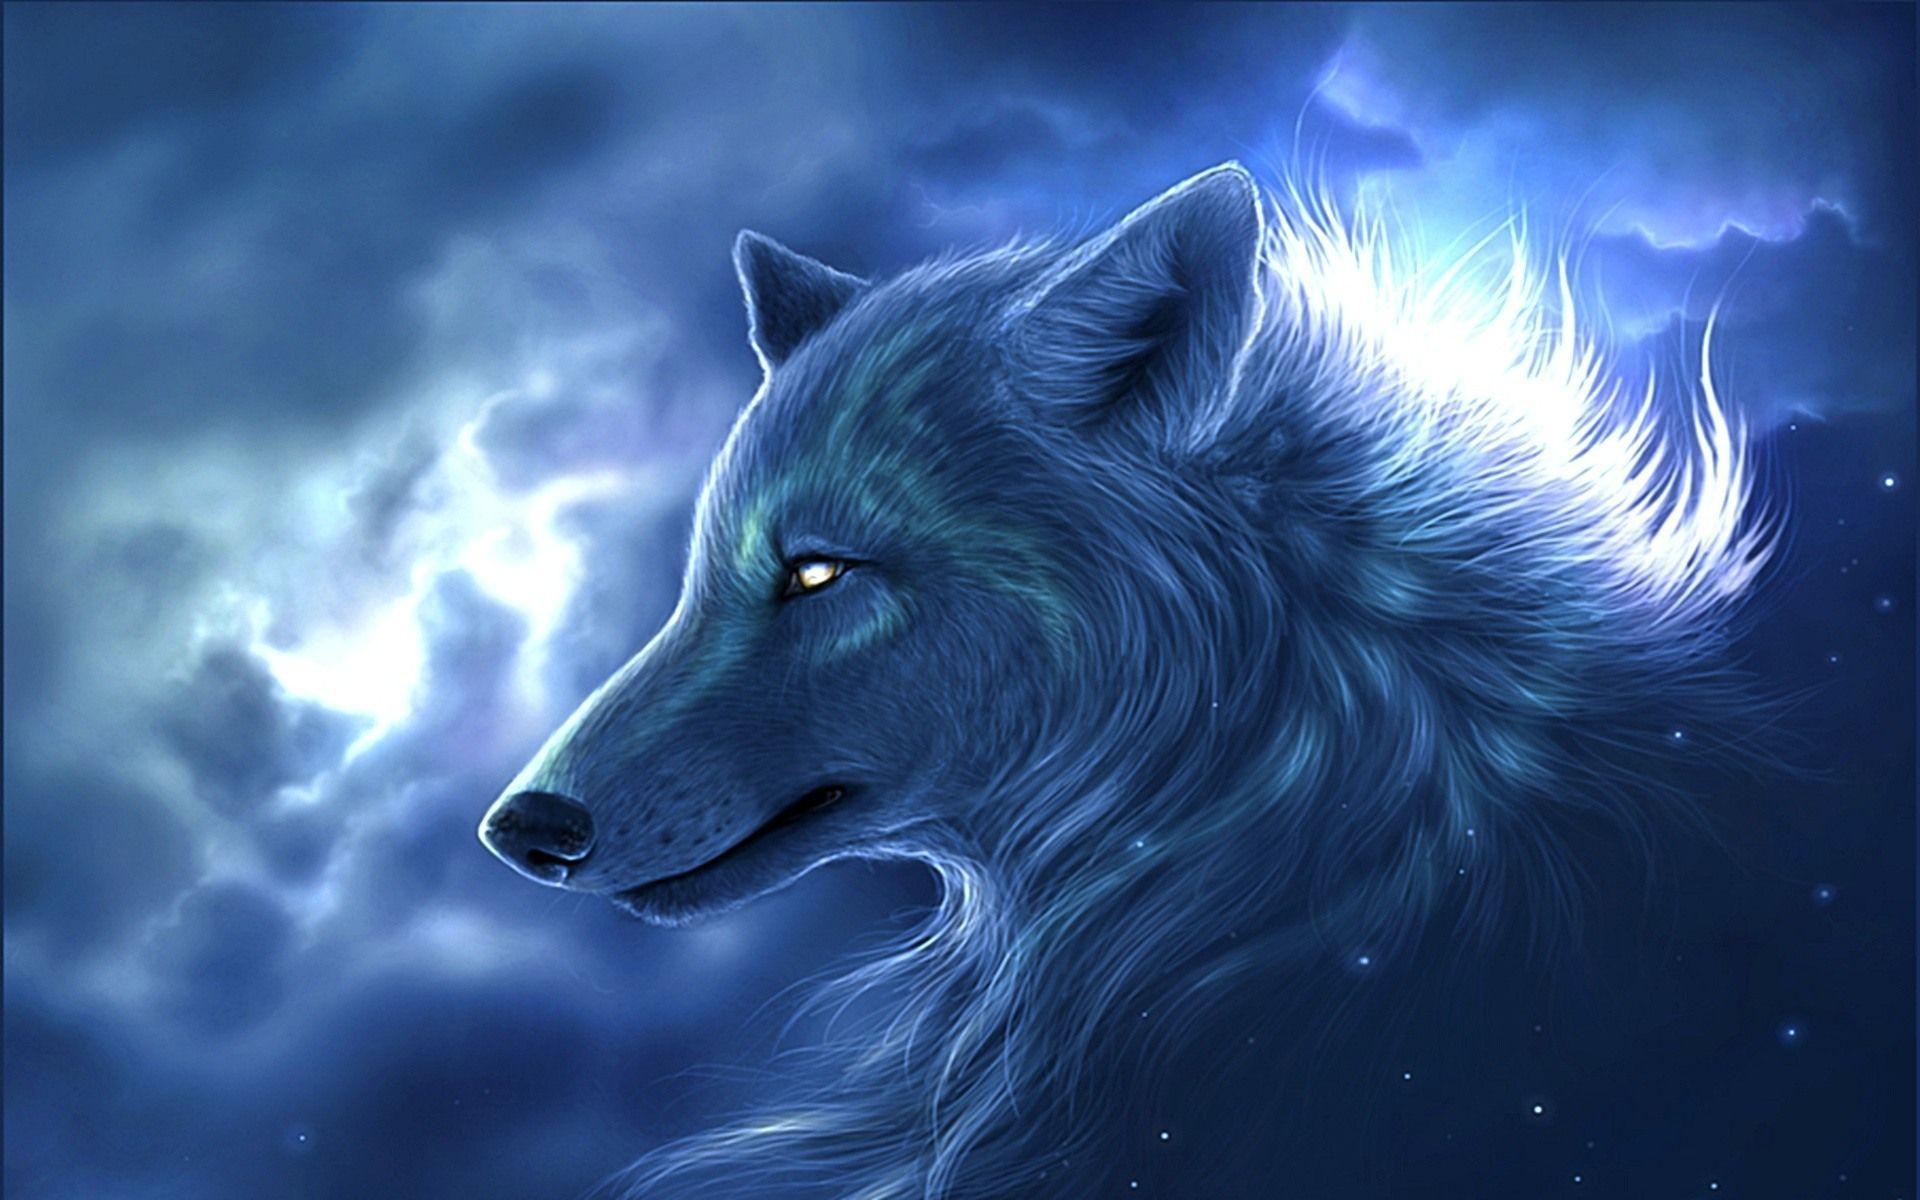 wolf wallpaper | wolf wallpaper - Part 2. Download